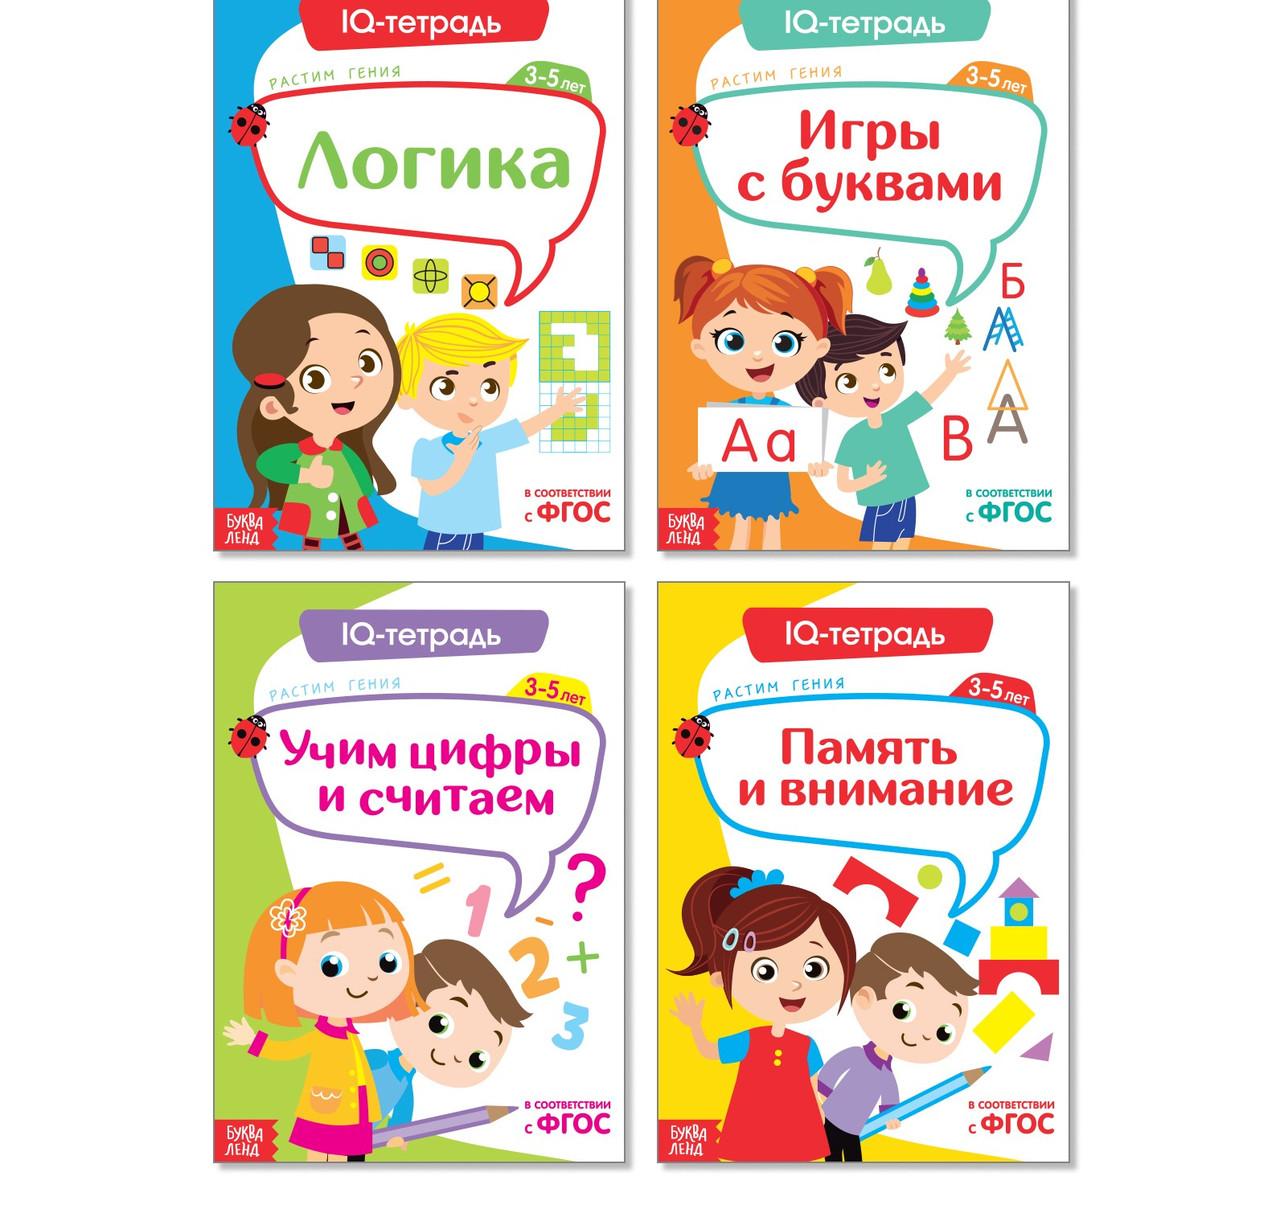 Книги «IQ тетради», набор 4 шт. по 20 стр.